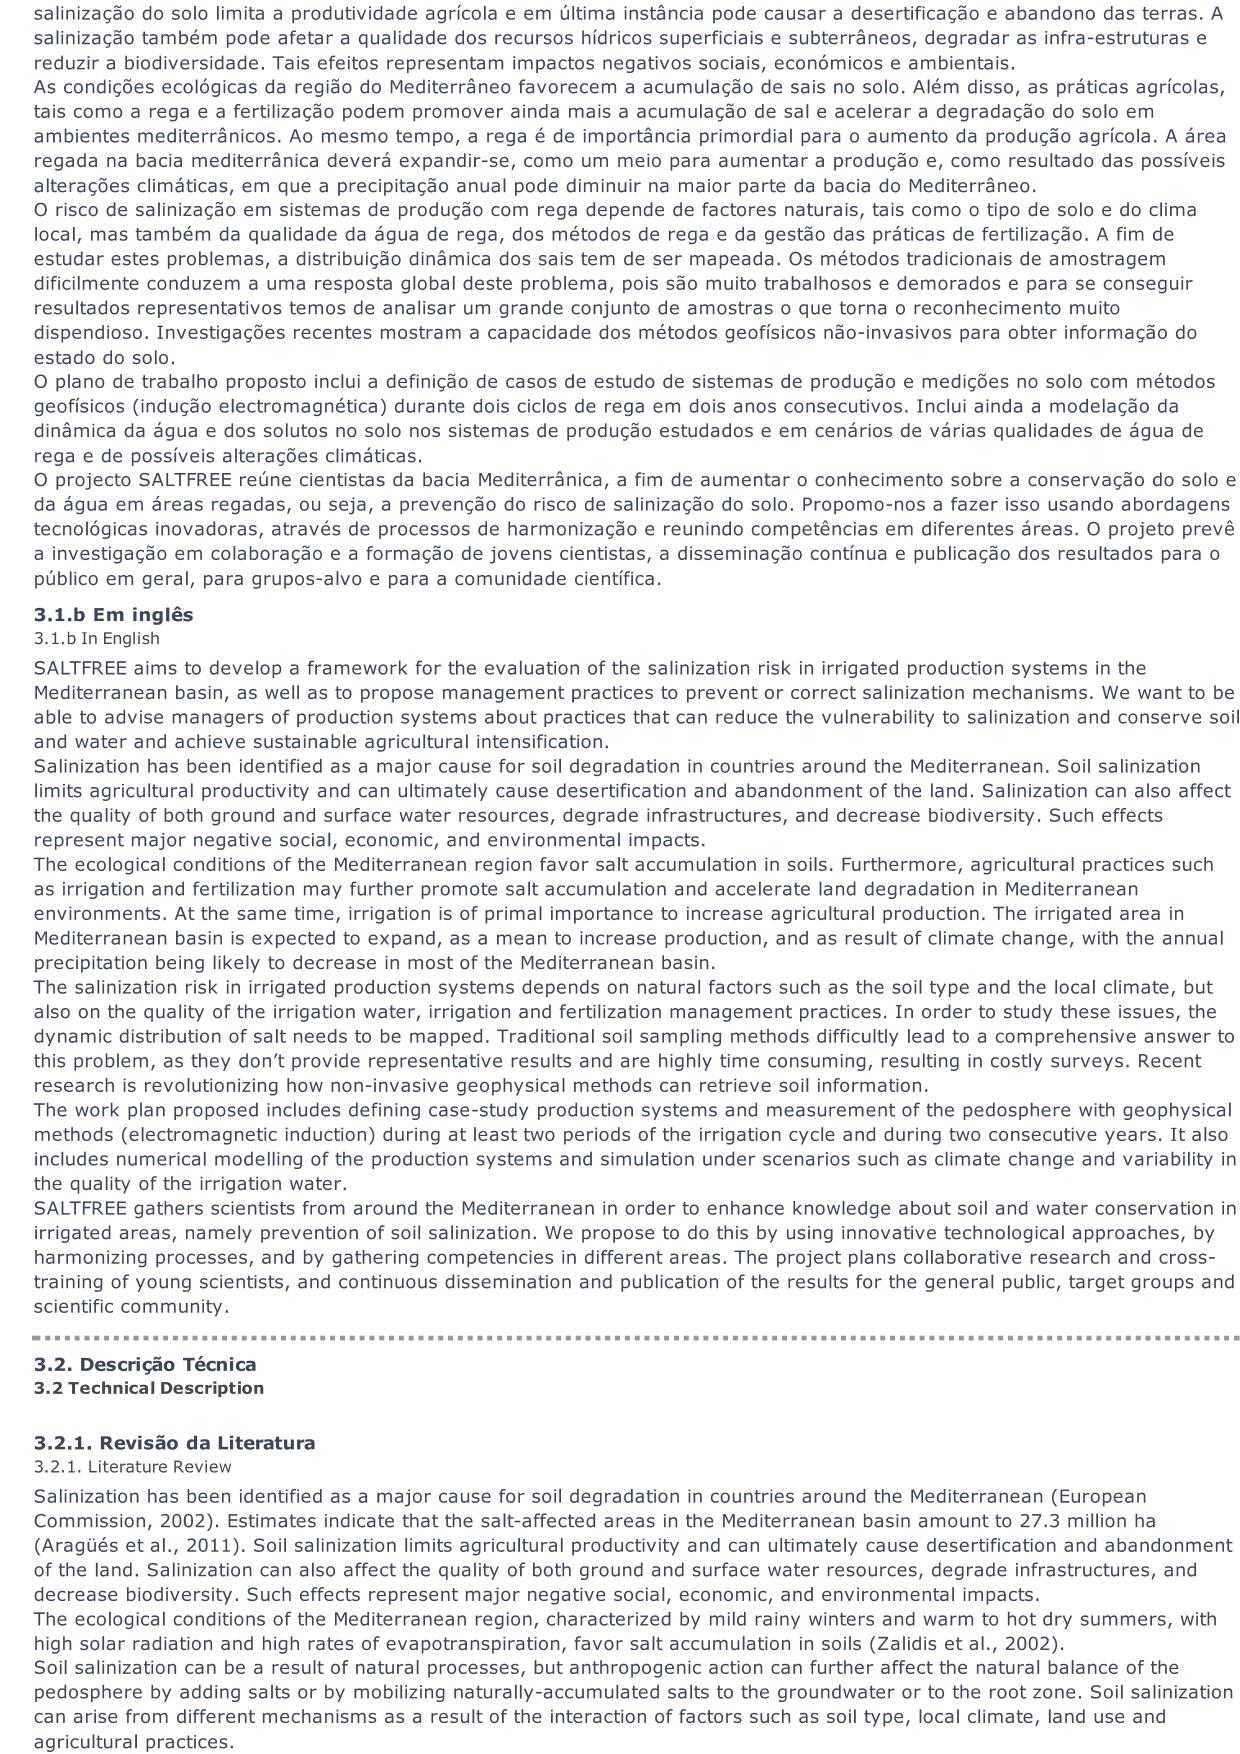 FCT _ PROJECTOS DE INVESTIGAÇÃO CIENTÍFICA E DESENVOLVIMENTO TECNOLOGICO3.jpg